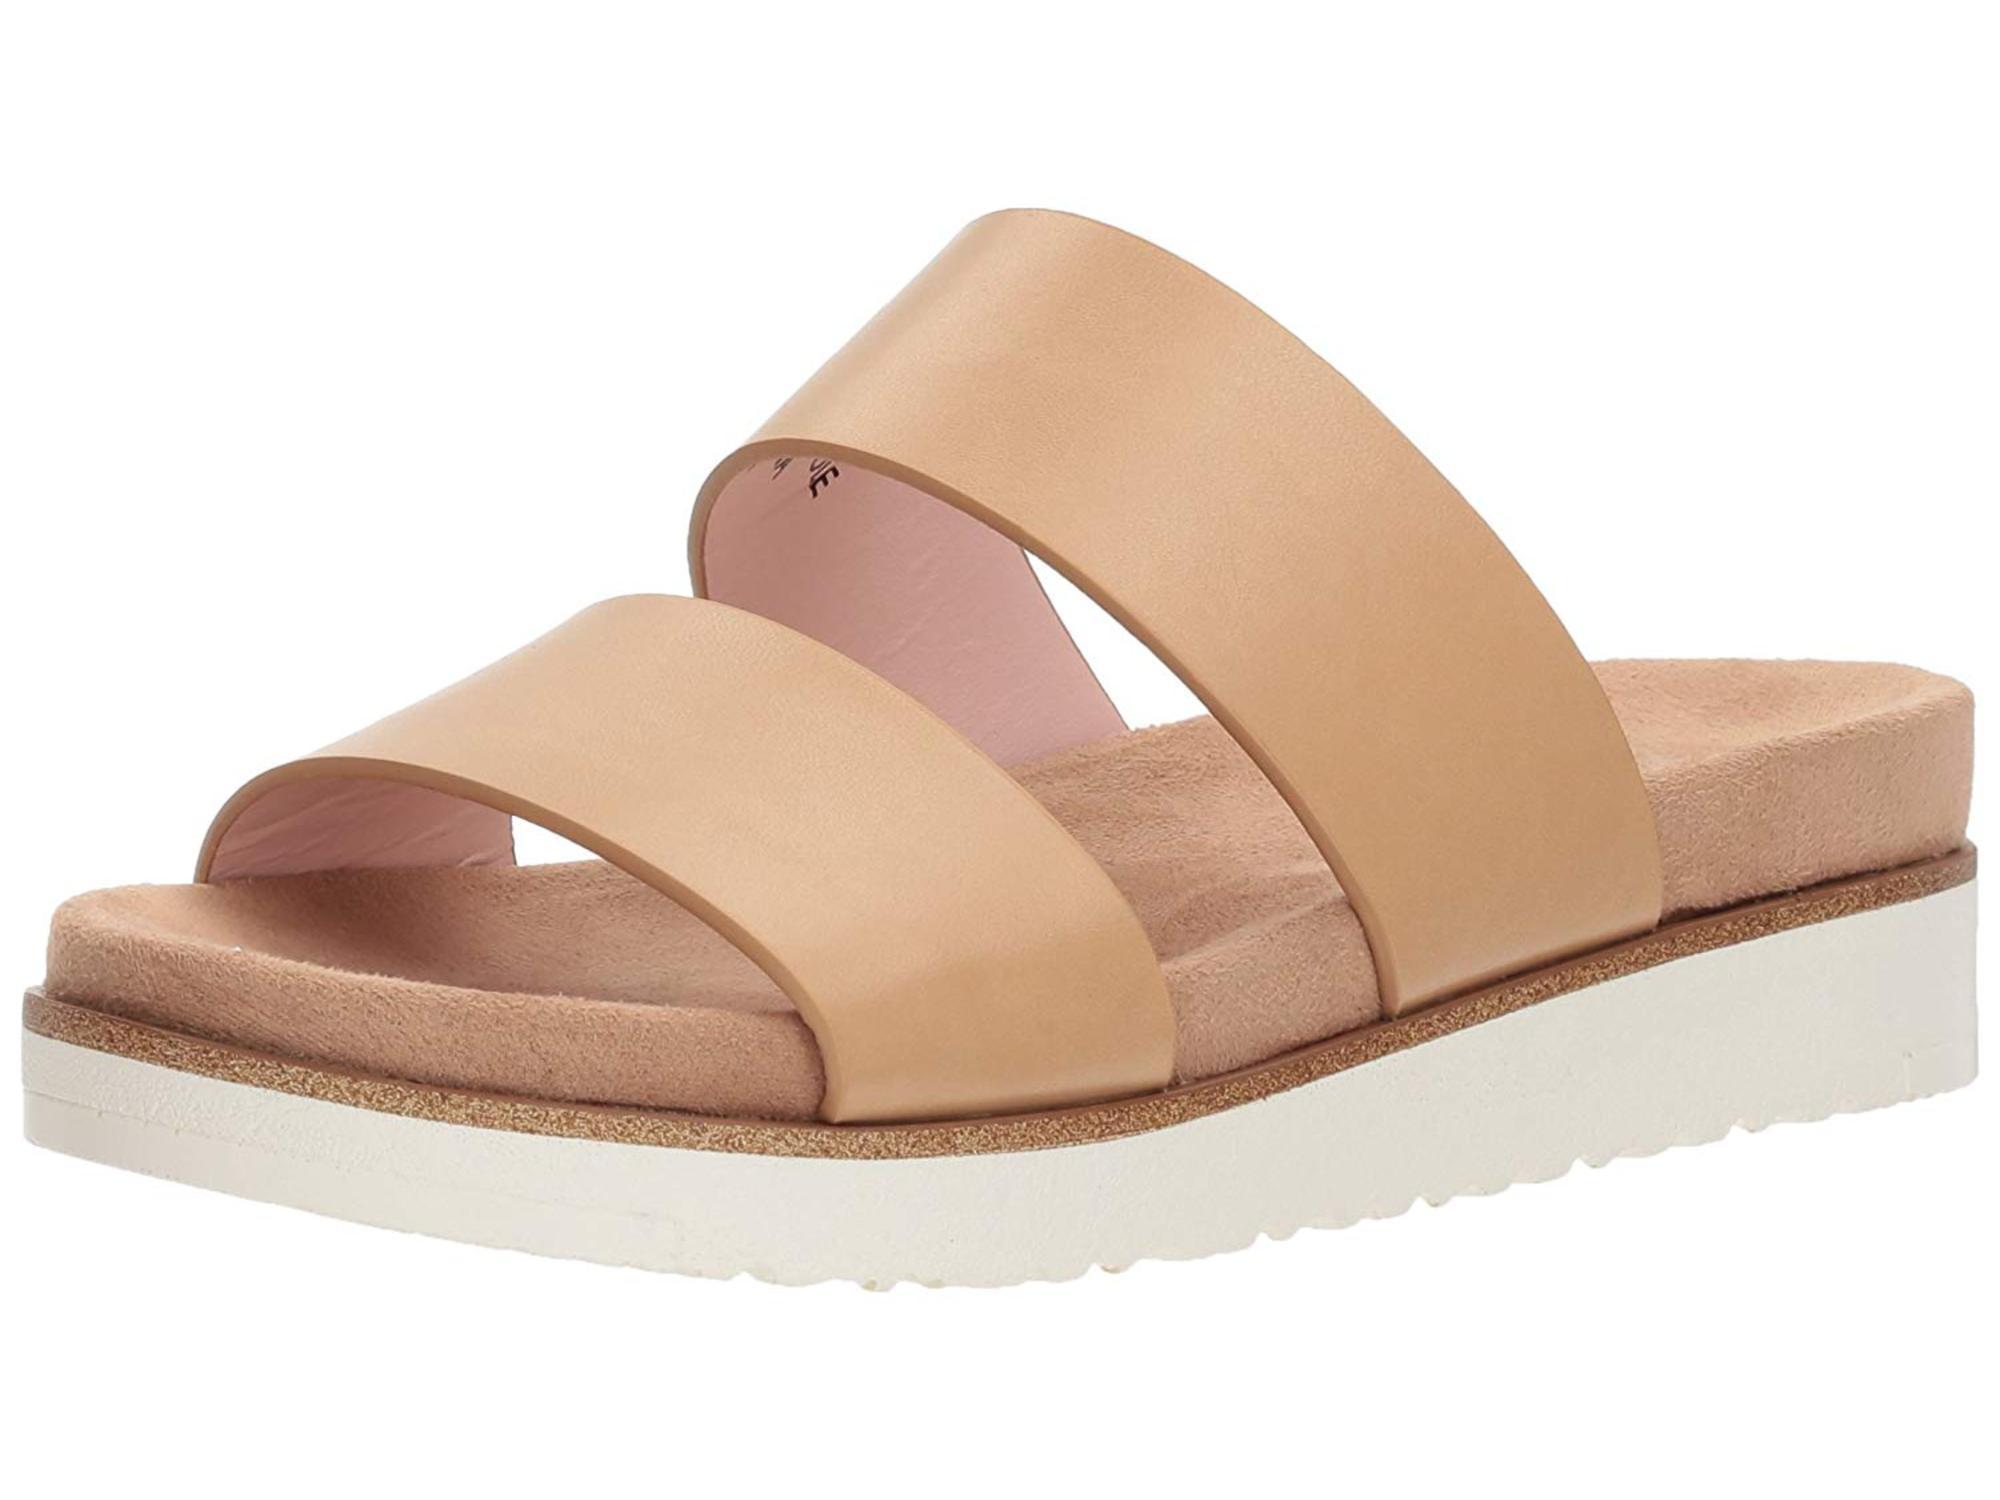 Dylan Slide Sandal, Nude, Size 7.5